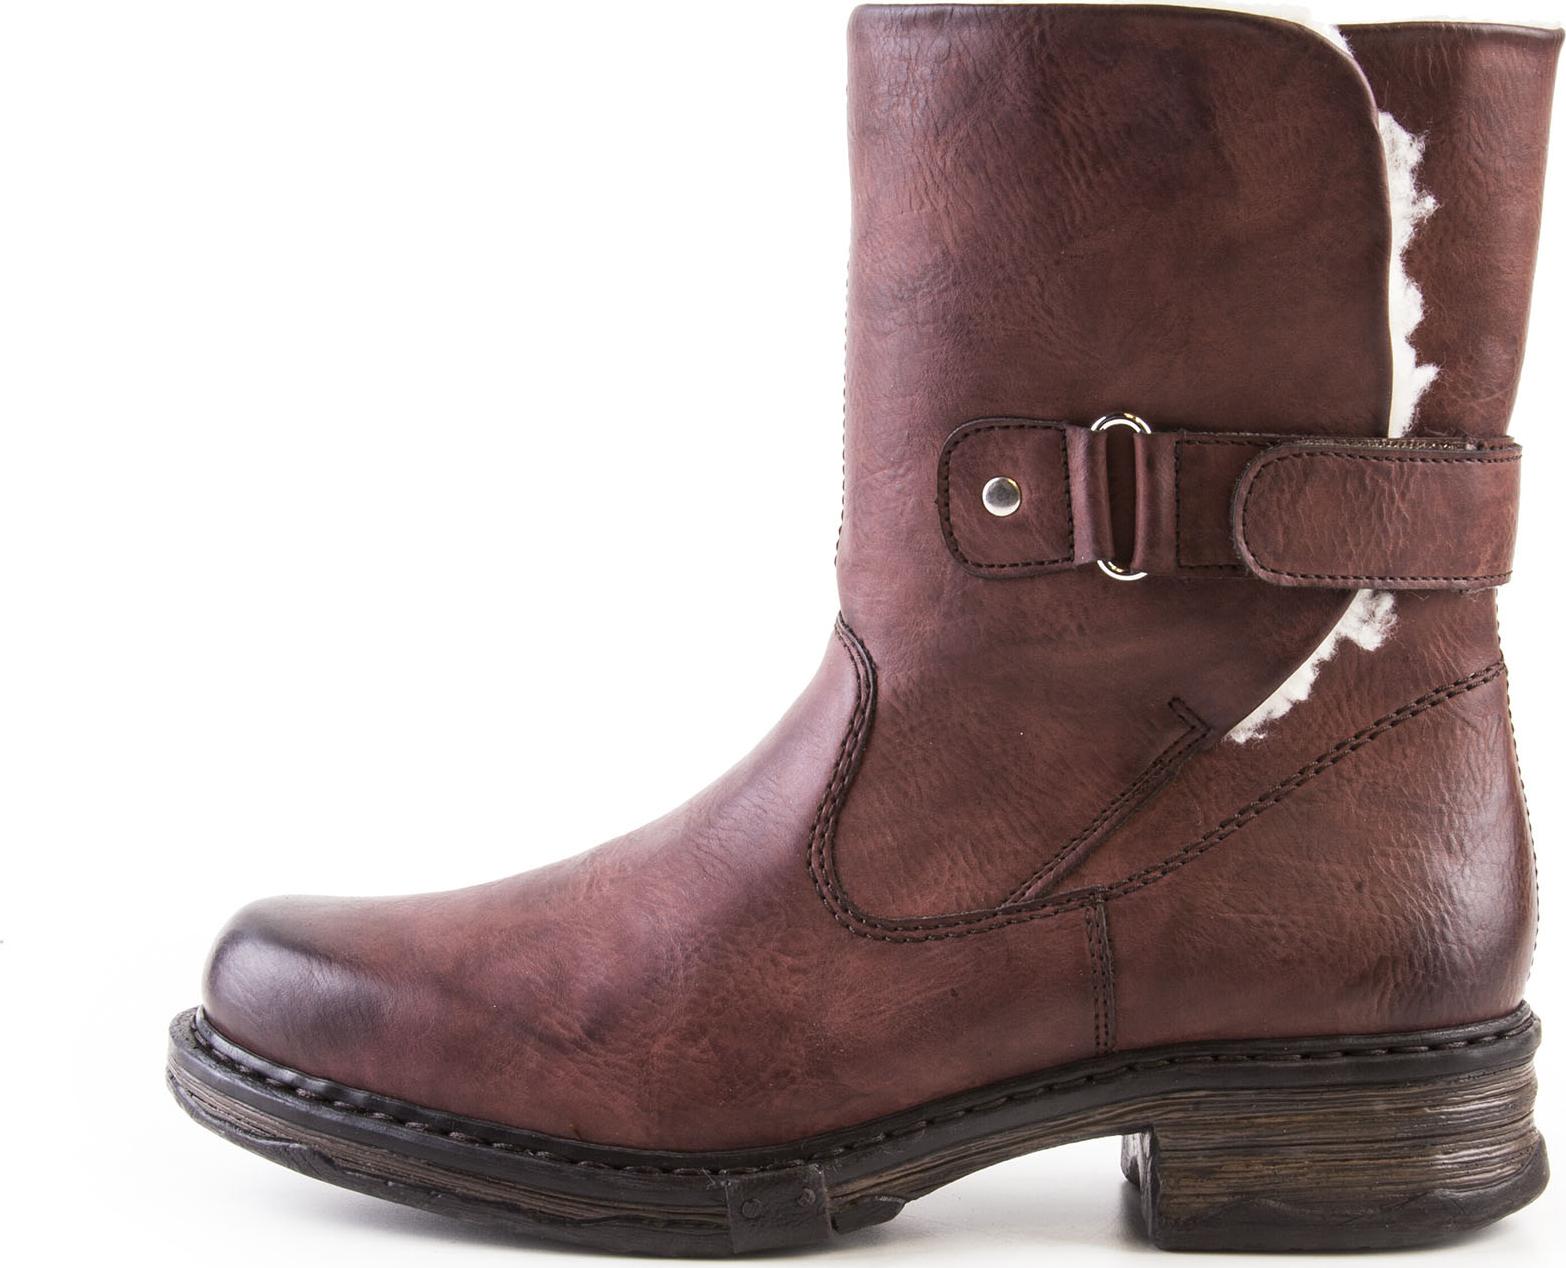 Dámská obuv RIEKER Z9982 35 BORDEAUX H W 7 – Rieker Antistress 3e820e18866